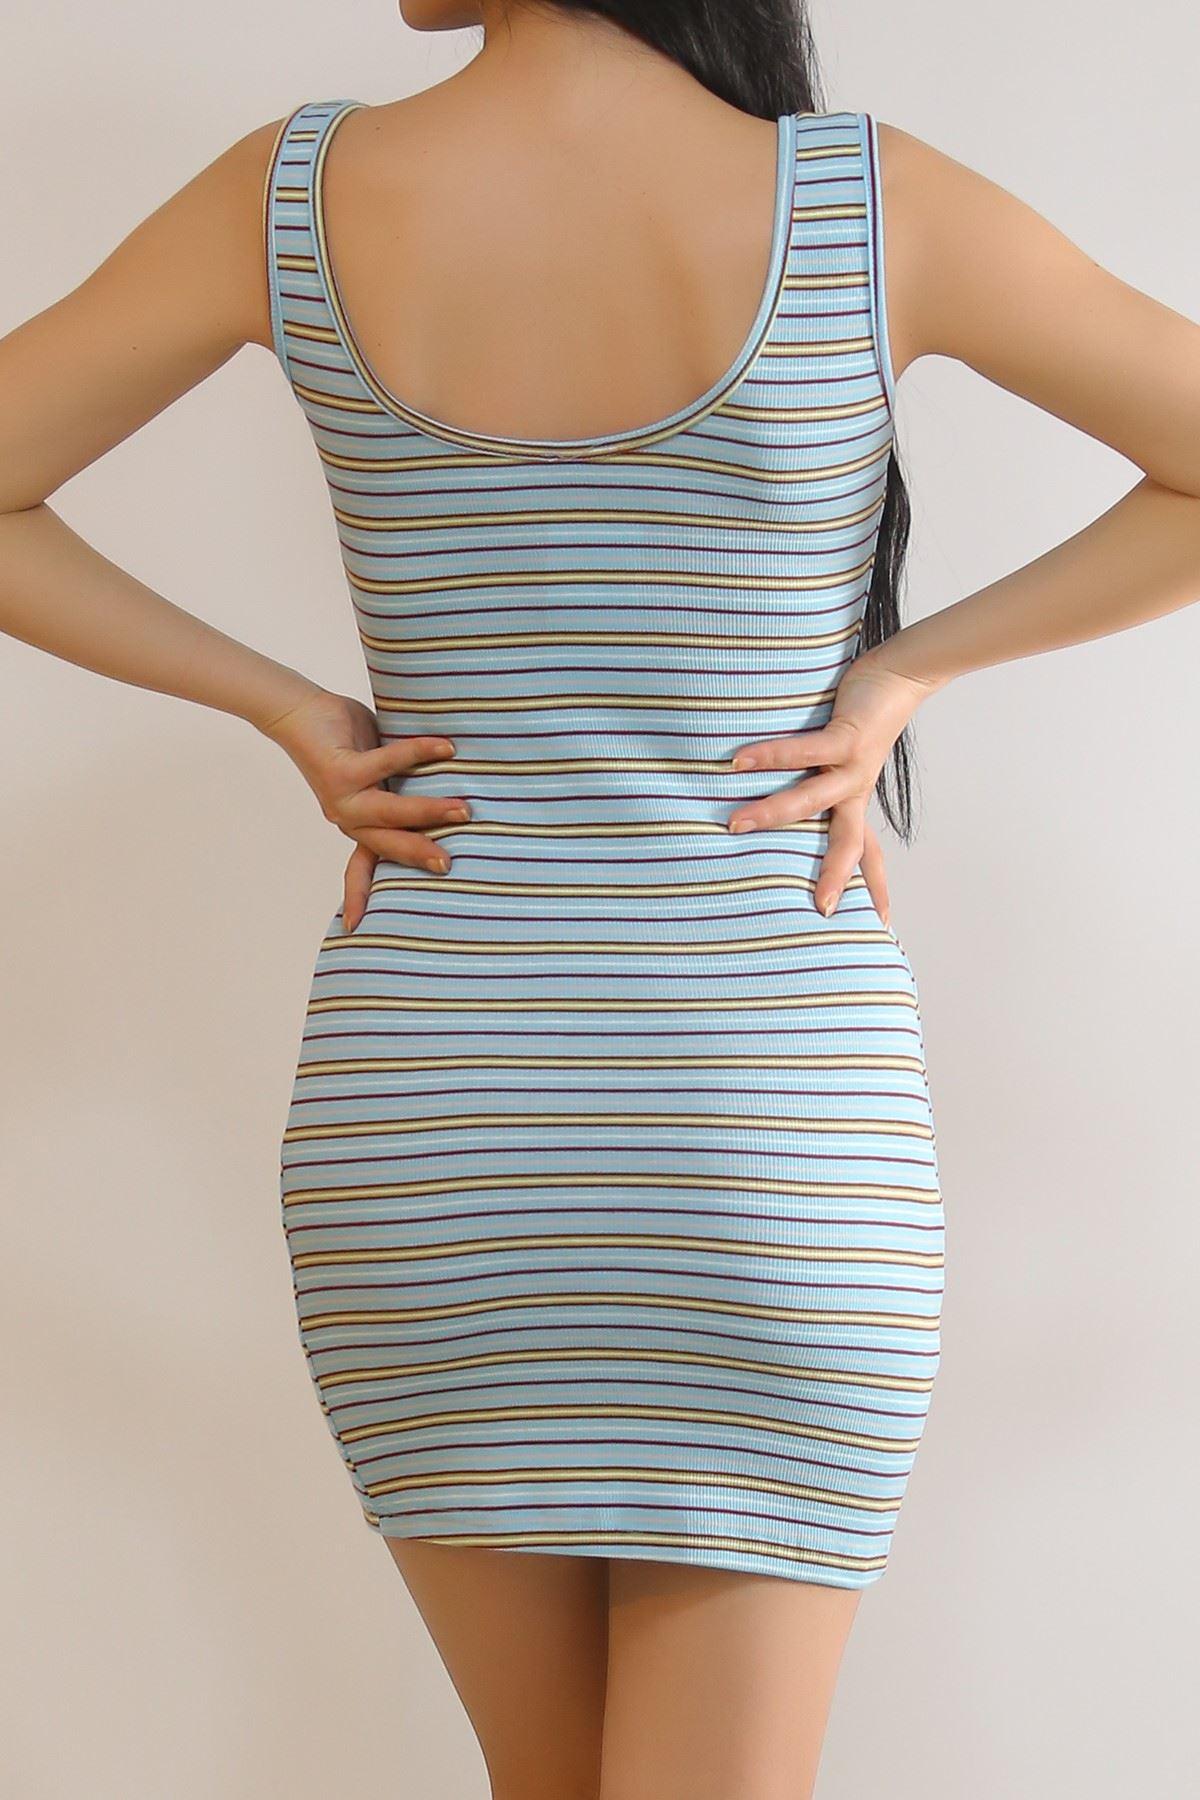 Kalın Askılı Elbise Bebemavi - 5938.1092.